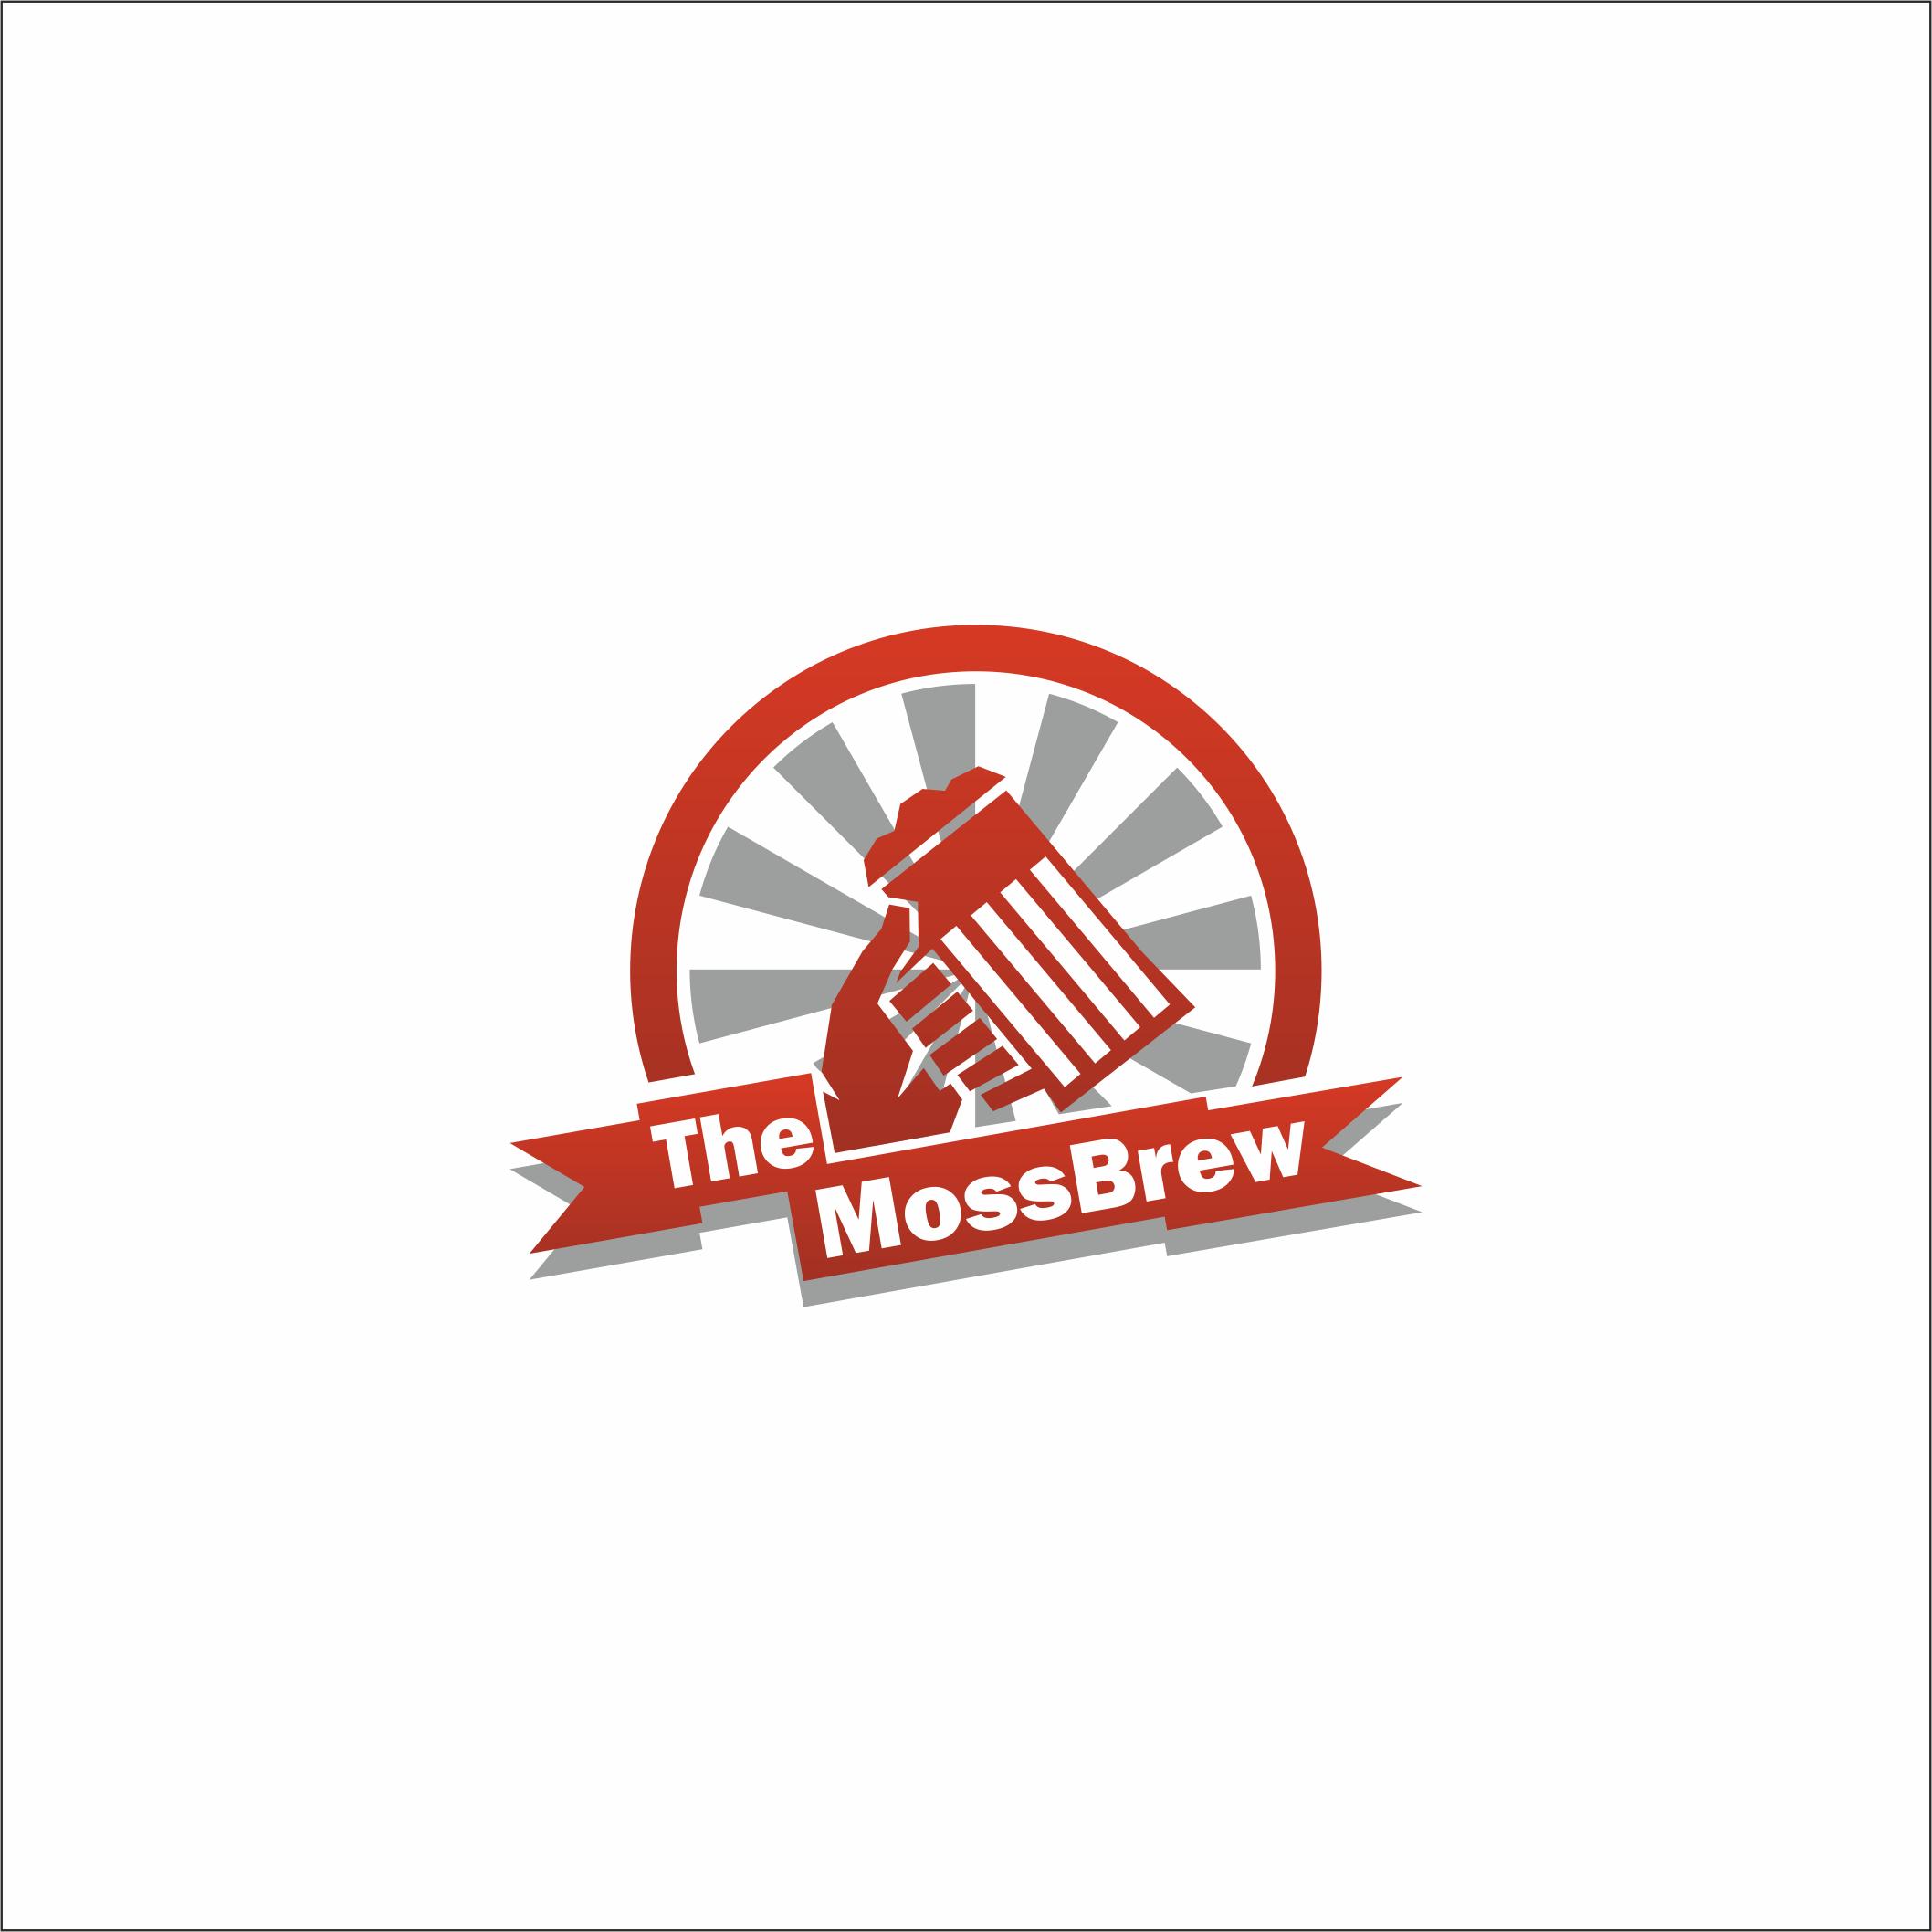 Логотип для пивоварни фото f_4695984b923a21a3.jpg